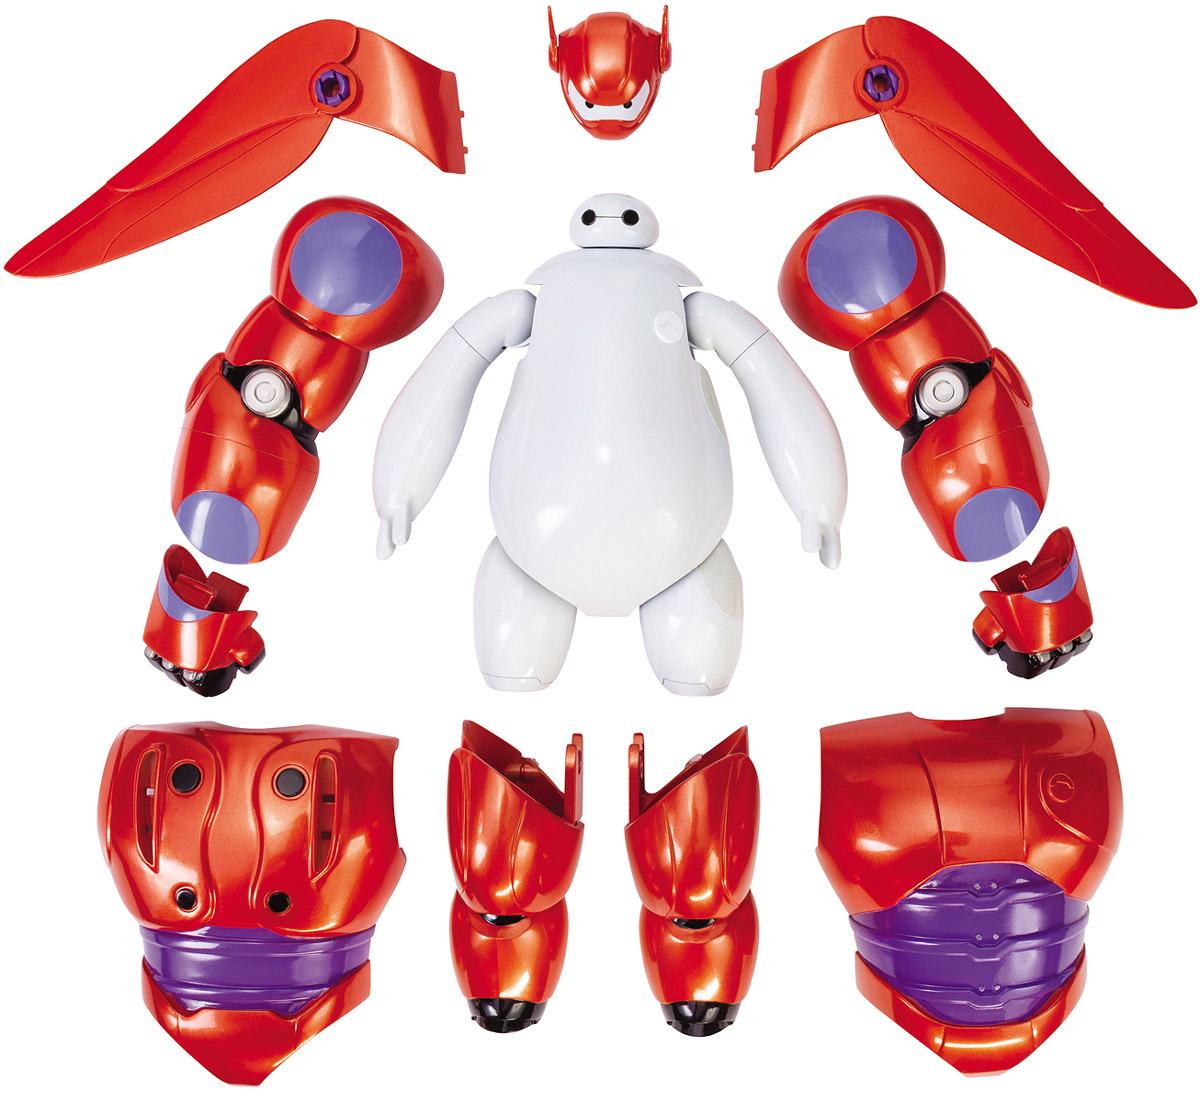 Big Hero 6 Фигурка Бэймакс с аксессуарами38700Фигурка Big Hero 6 Бэймакс понравится любому маленькому поклоннику мультфильма Город героев, ведь она представляет собой точную детализированную копию робота Бэймакса из мультфильма. Фигурка выполнена из прочного пластика, ее руки, ноги и голова подвижны. В комплект также входят аксессуары - броня и крылья для Бэймакса, которая без труда снимается и надевается, давая малышу неограниченный простор для фантазии и игр. Надеть броню очень легко, с ней милый Бэймакс превращается в грозного боевого робота. Броня в точности повторяет внешний вид Бэймакса из мультфильма, и порадует даже самого взыскательного маленького коллекционера. Бэймакс - главный герой мультфильма Город Героев. Он является персональным помощником по уходу за здоровьем и всегда здоровается своей коронной фразой Привет, я Бэймакс! Ваш персональный робот для помощи по уходу за здоровьем Добрый, милый и заботливый надувной робот стал лучшим другом для Хиро. Фигурка надолго увлечет вашего малыша...